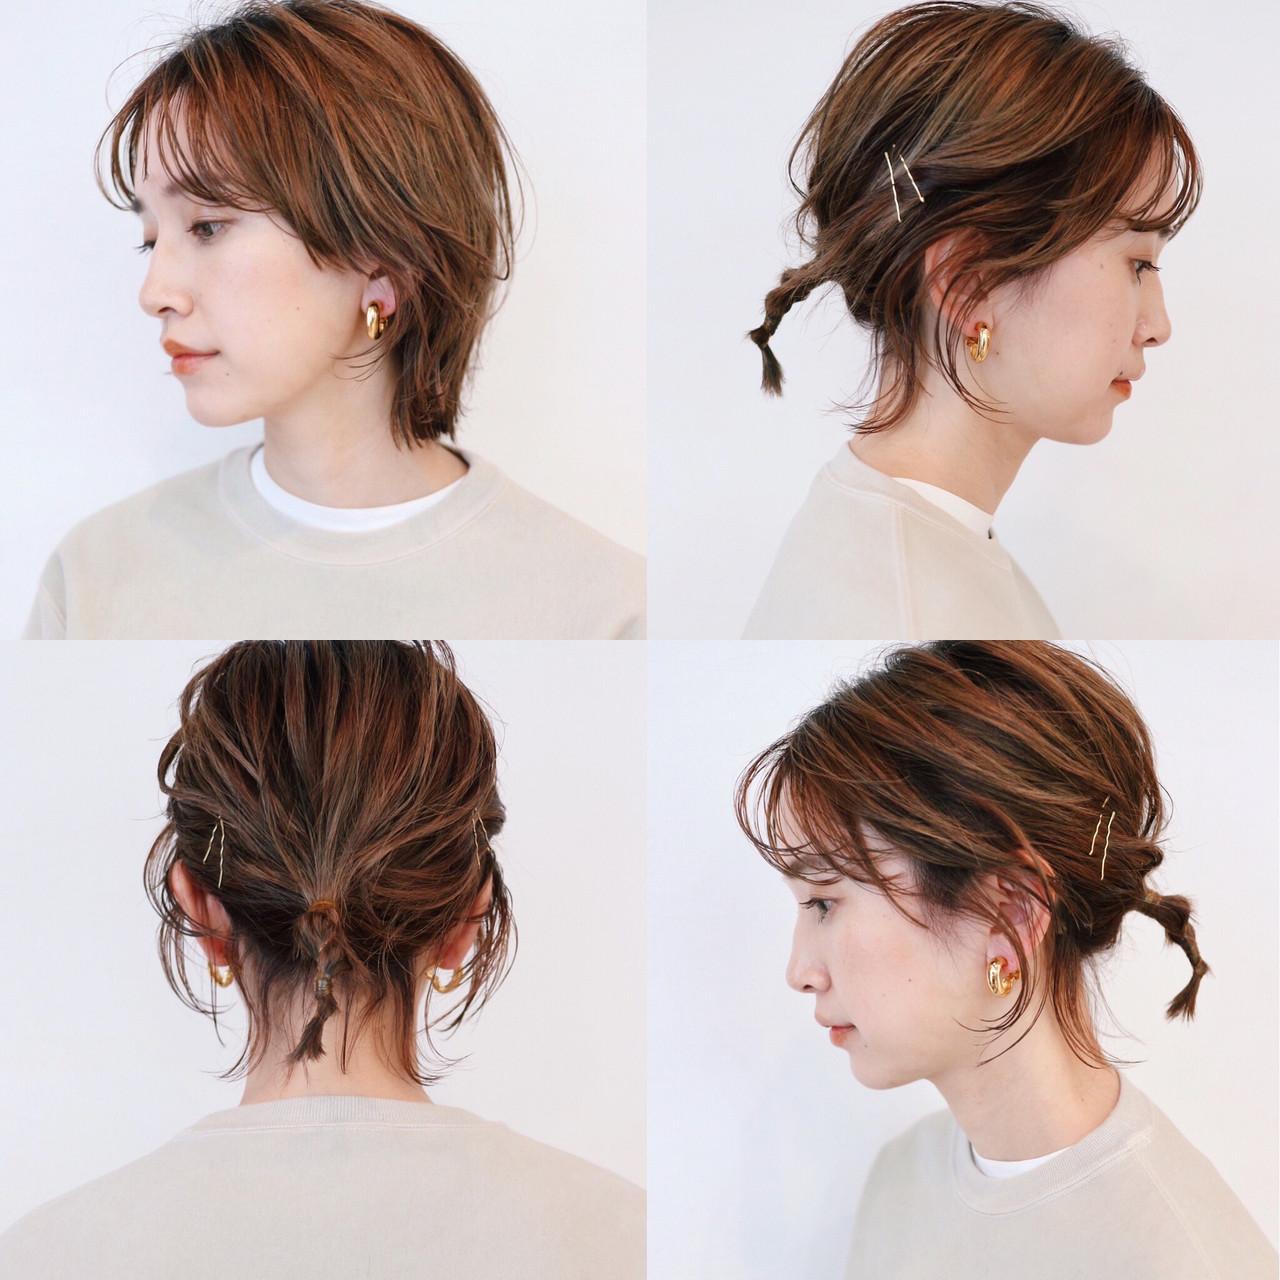 マッシュウルフ 簡単ヘアアレンジ ストリート ウルフカットヘアスタイルや髪型の写真・画像